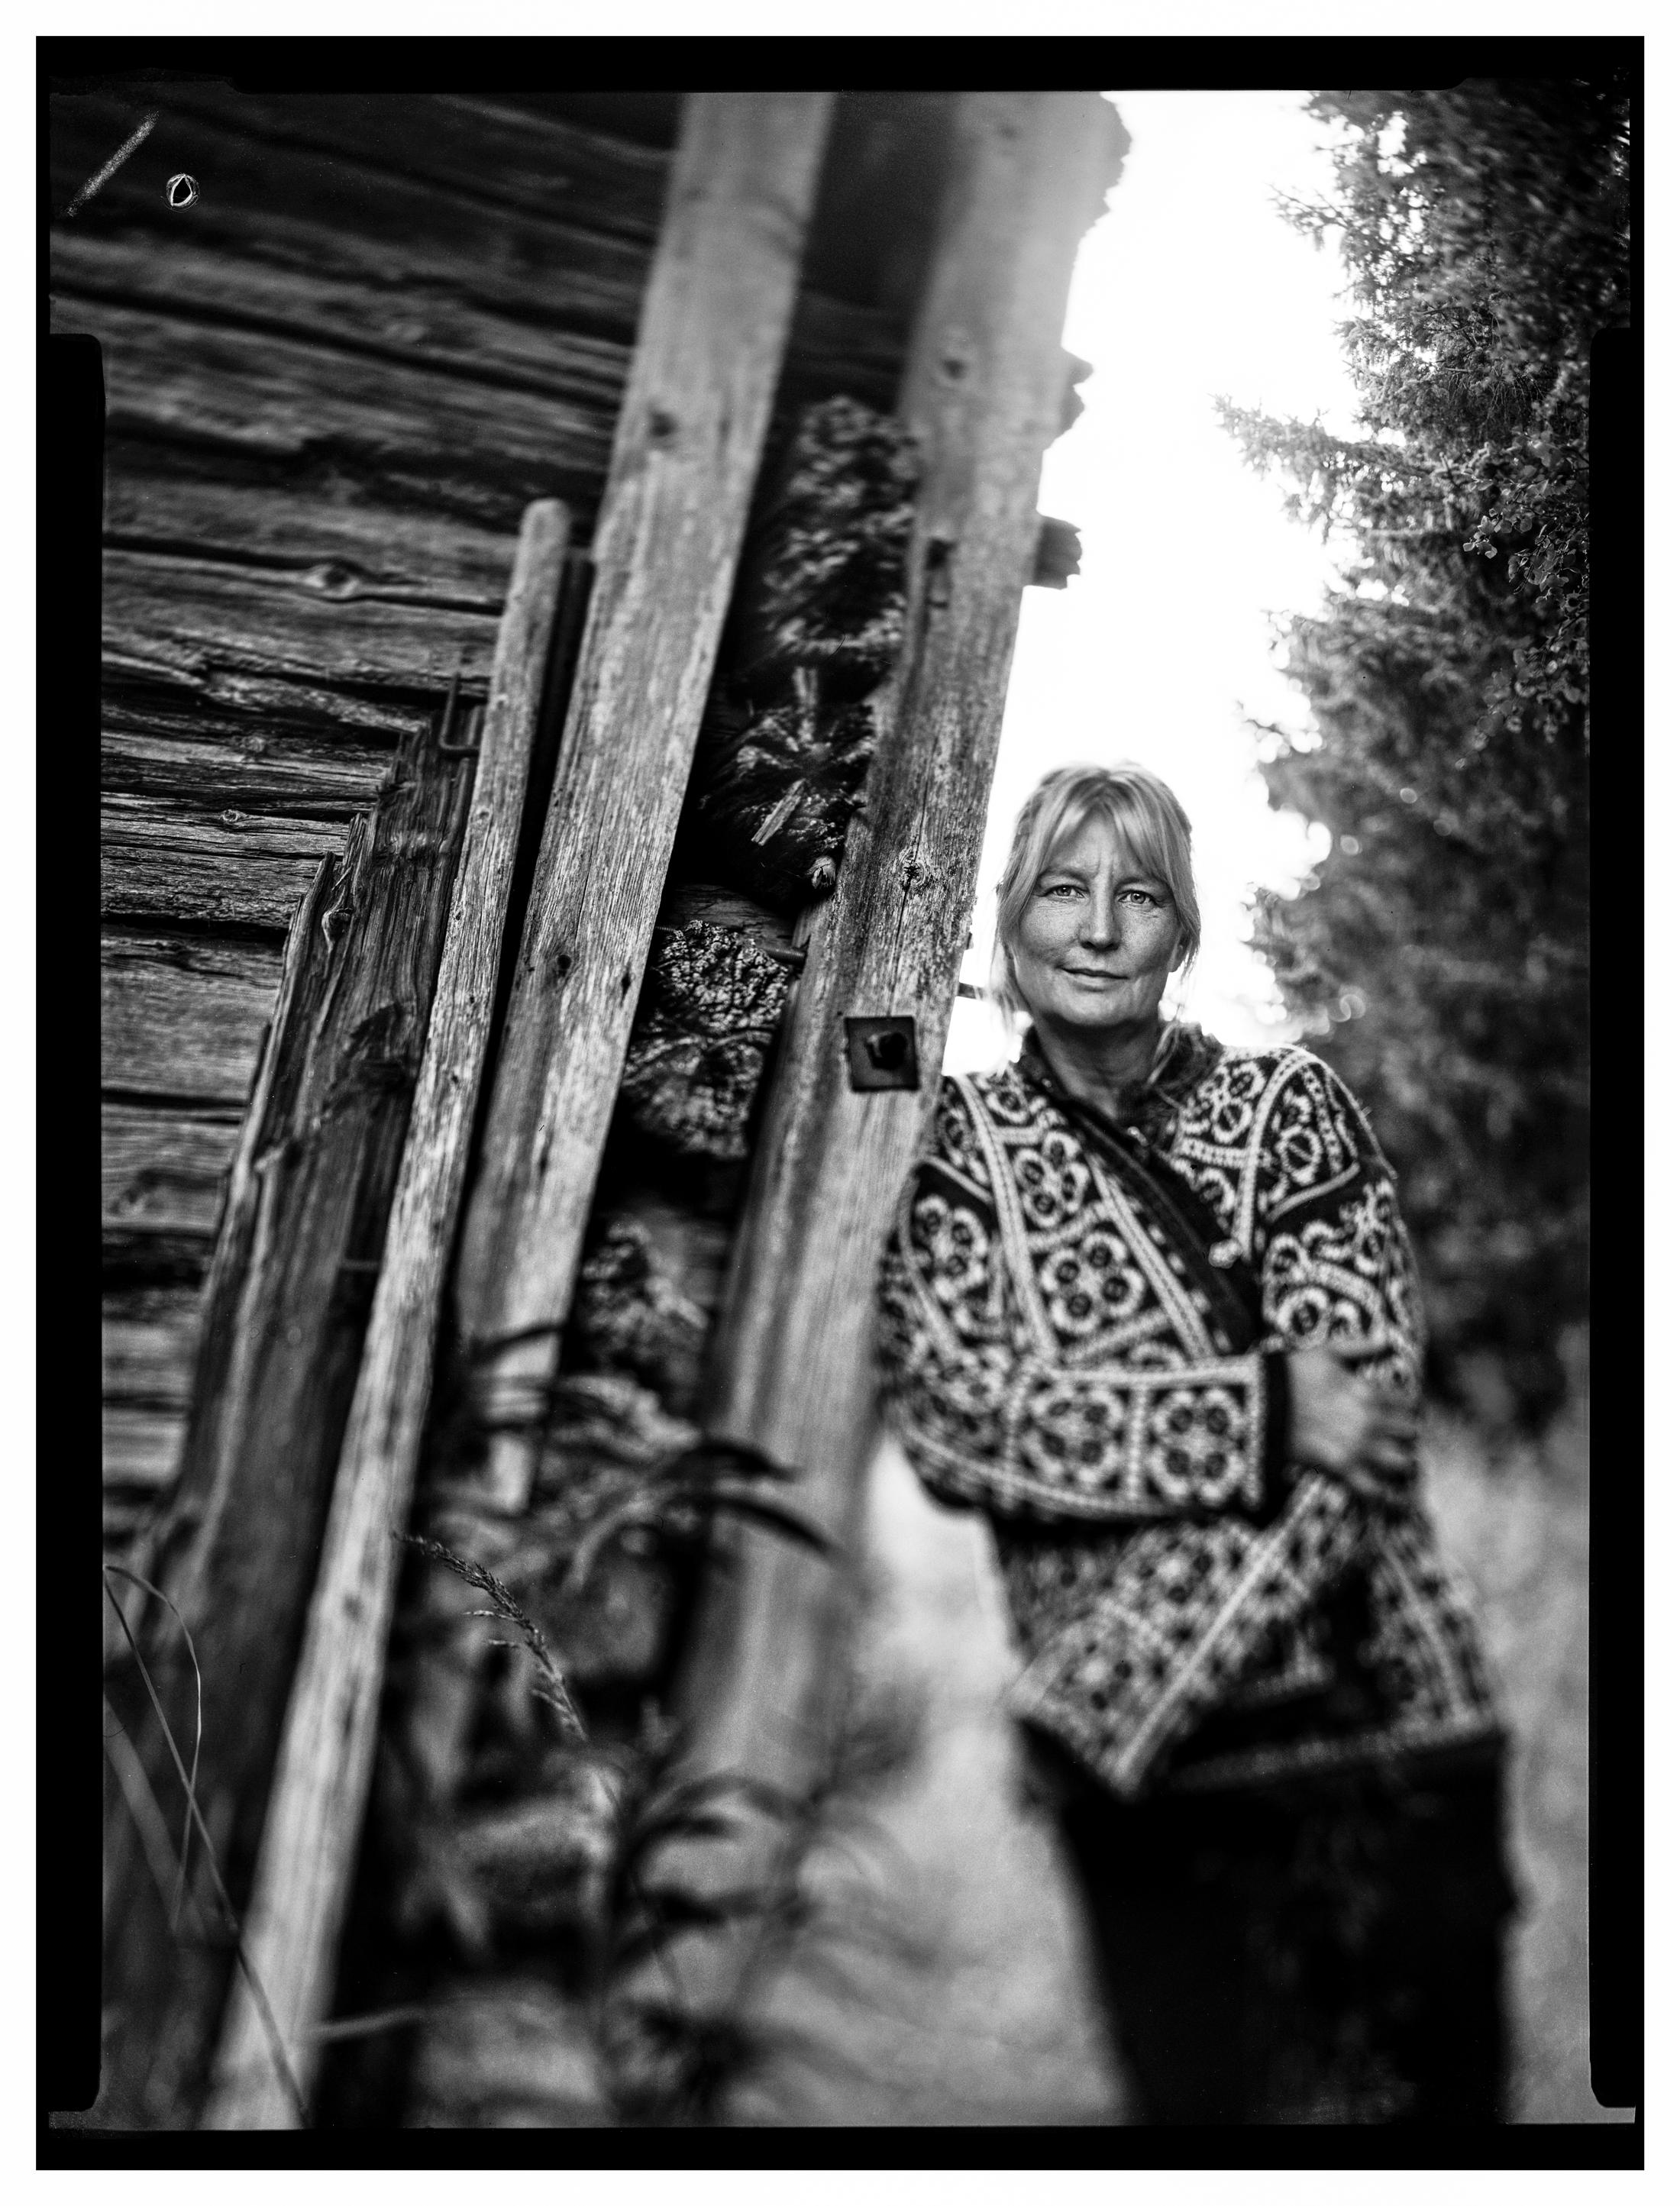 Karin Smirnoff